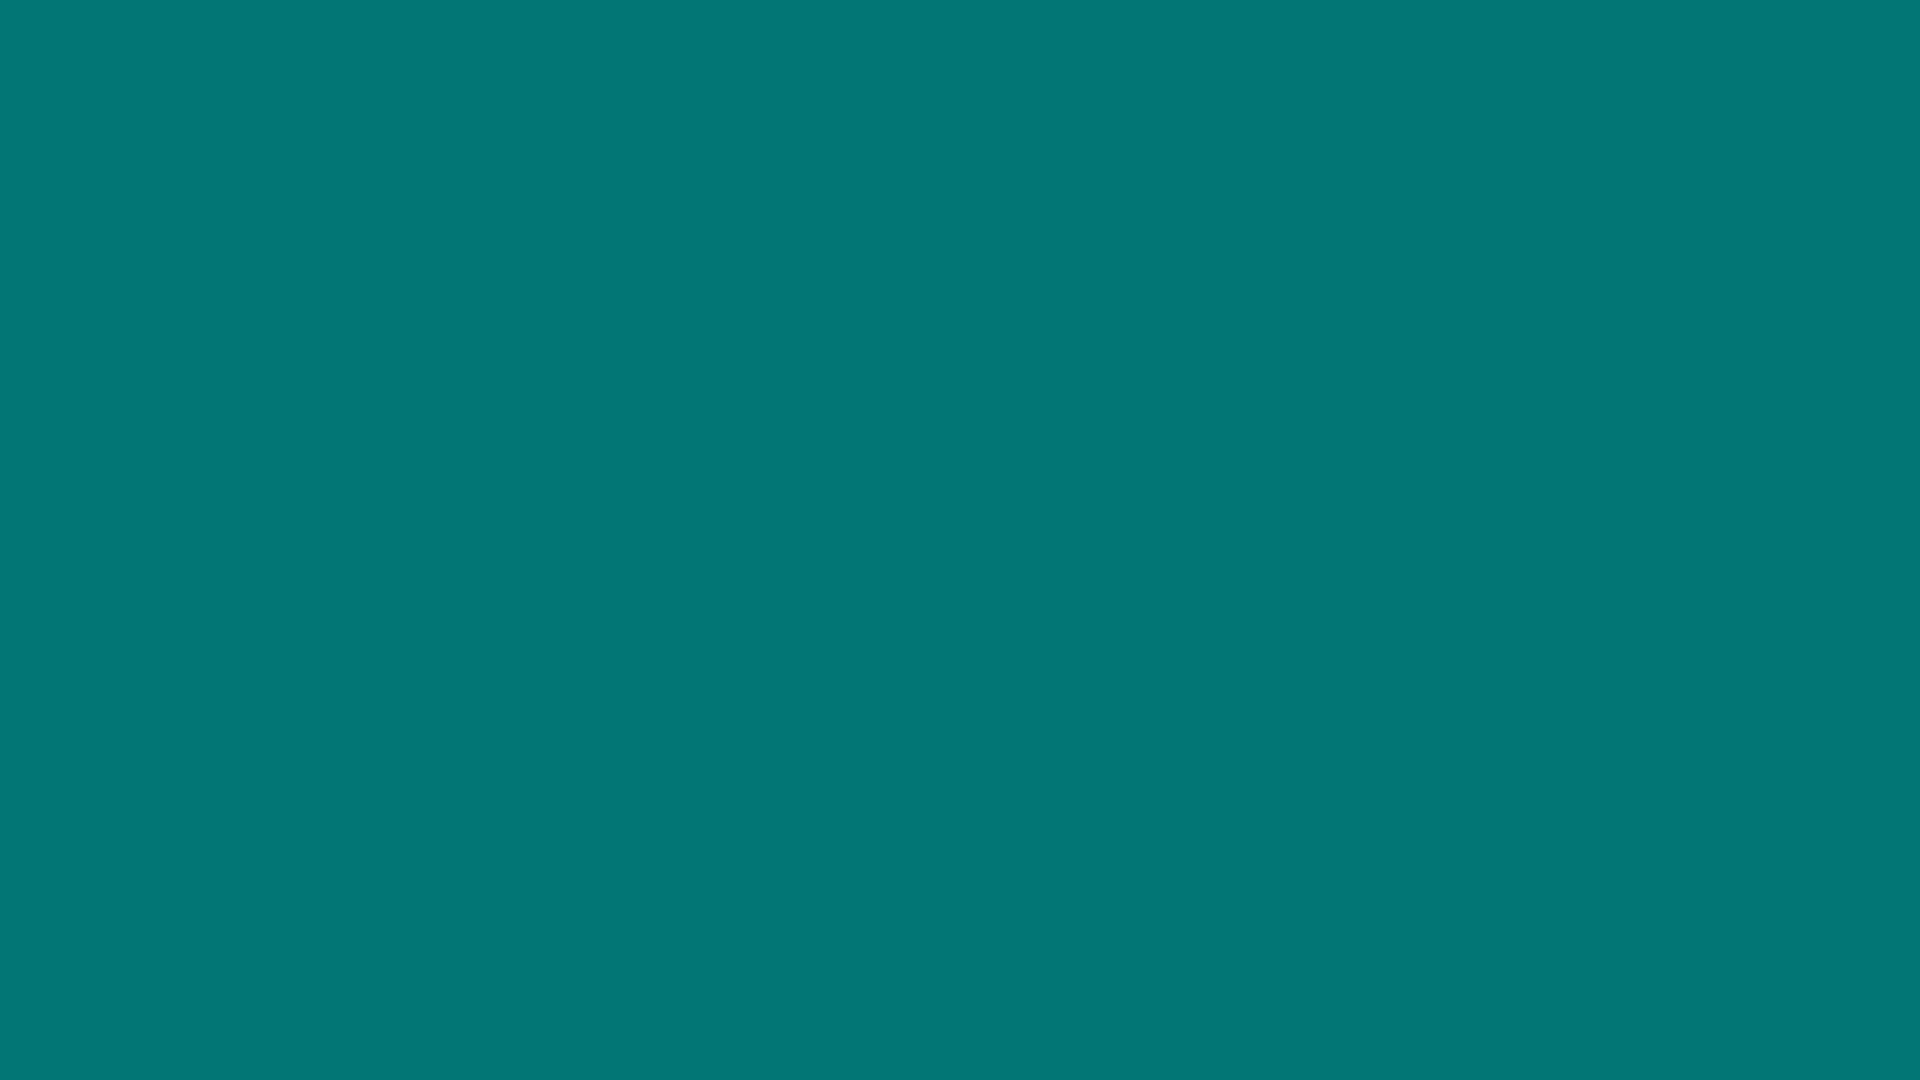 """[중앙일보] ⑧ """"이제는 아시아 시대"""" – 서울대 아시아연구소 기획 ⑧ 경제통합 현장, 아세안 가다"""